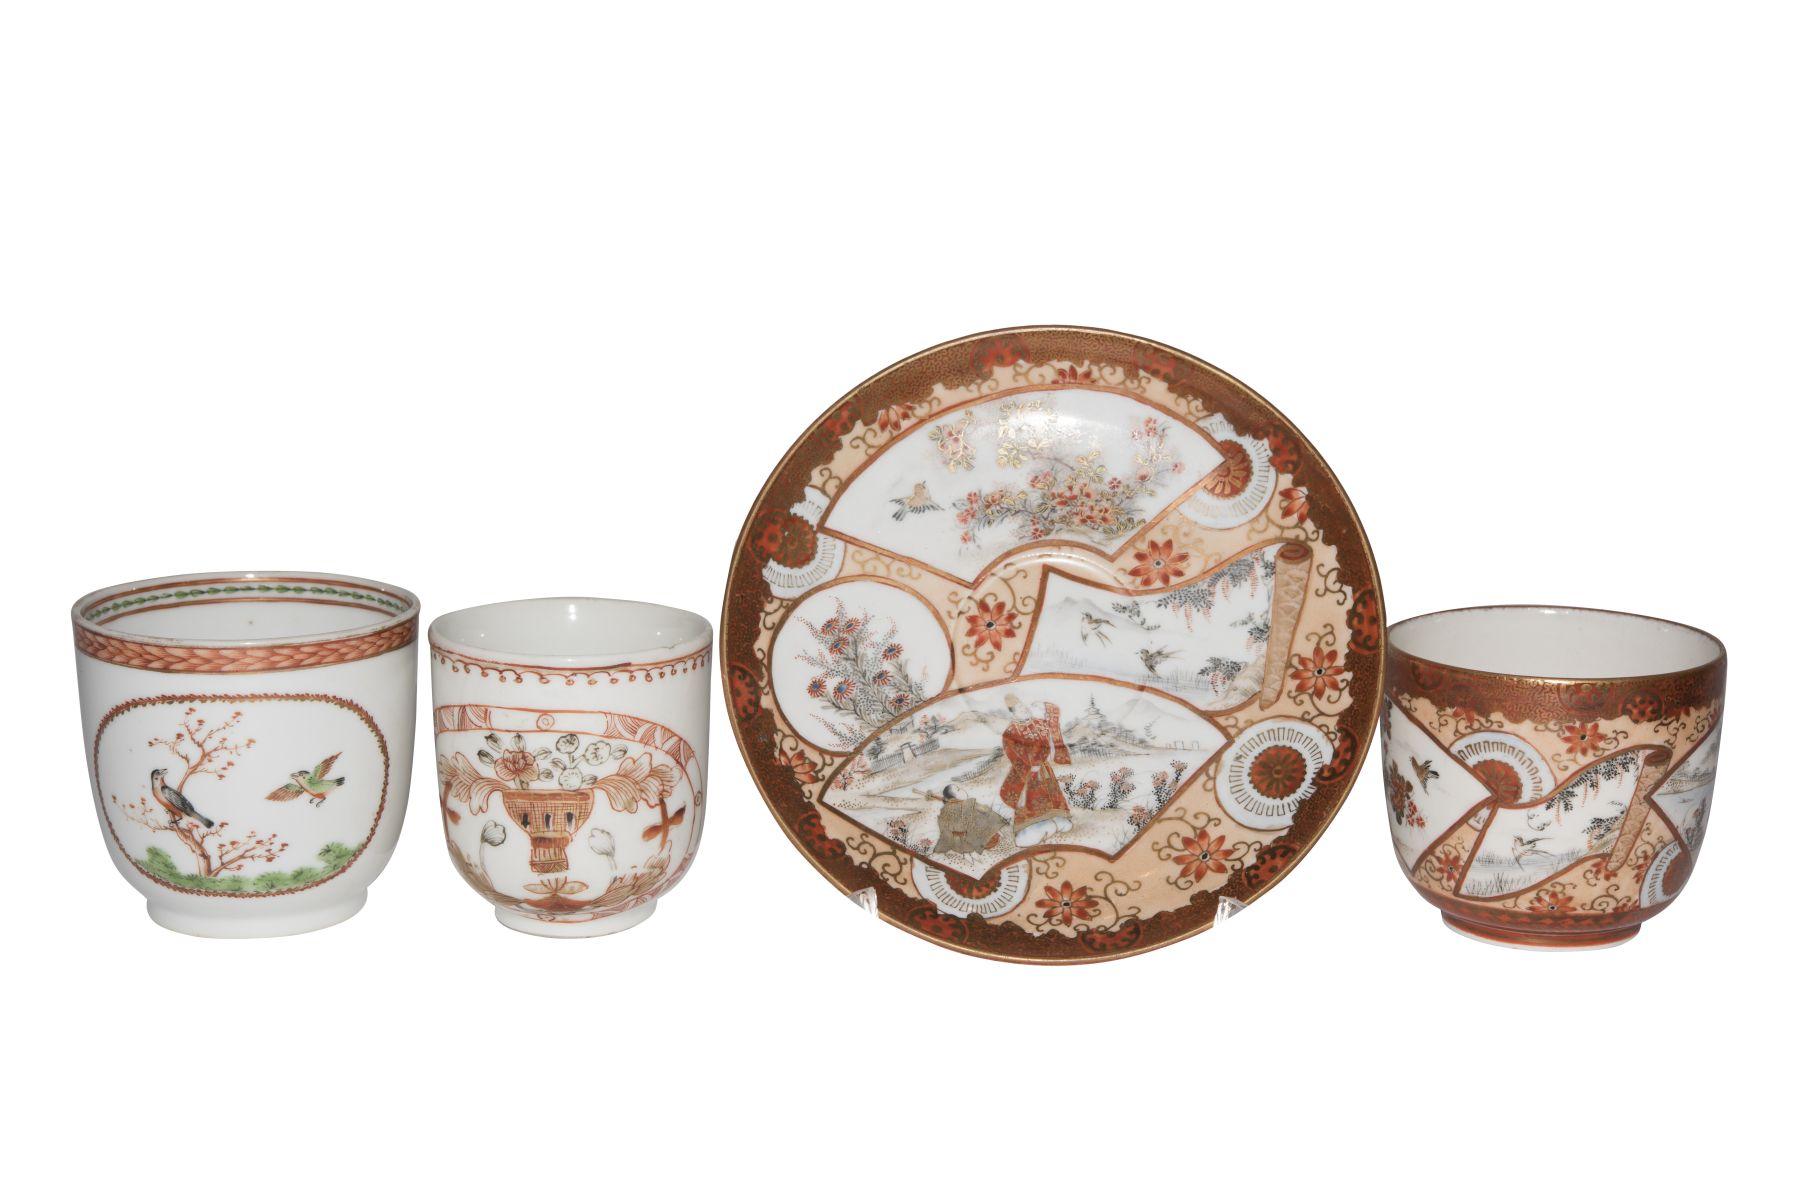 #206 Three cups and one saucer with flowers and birds | Drei Tassen und eine Untertasse mit Blumen und Vögeln Image